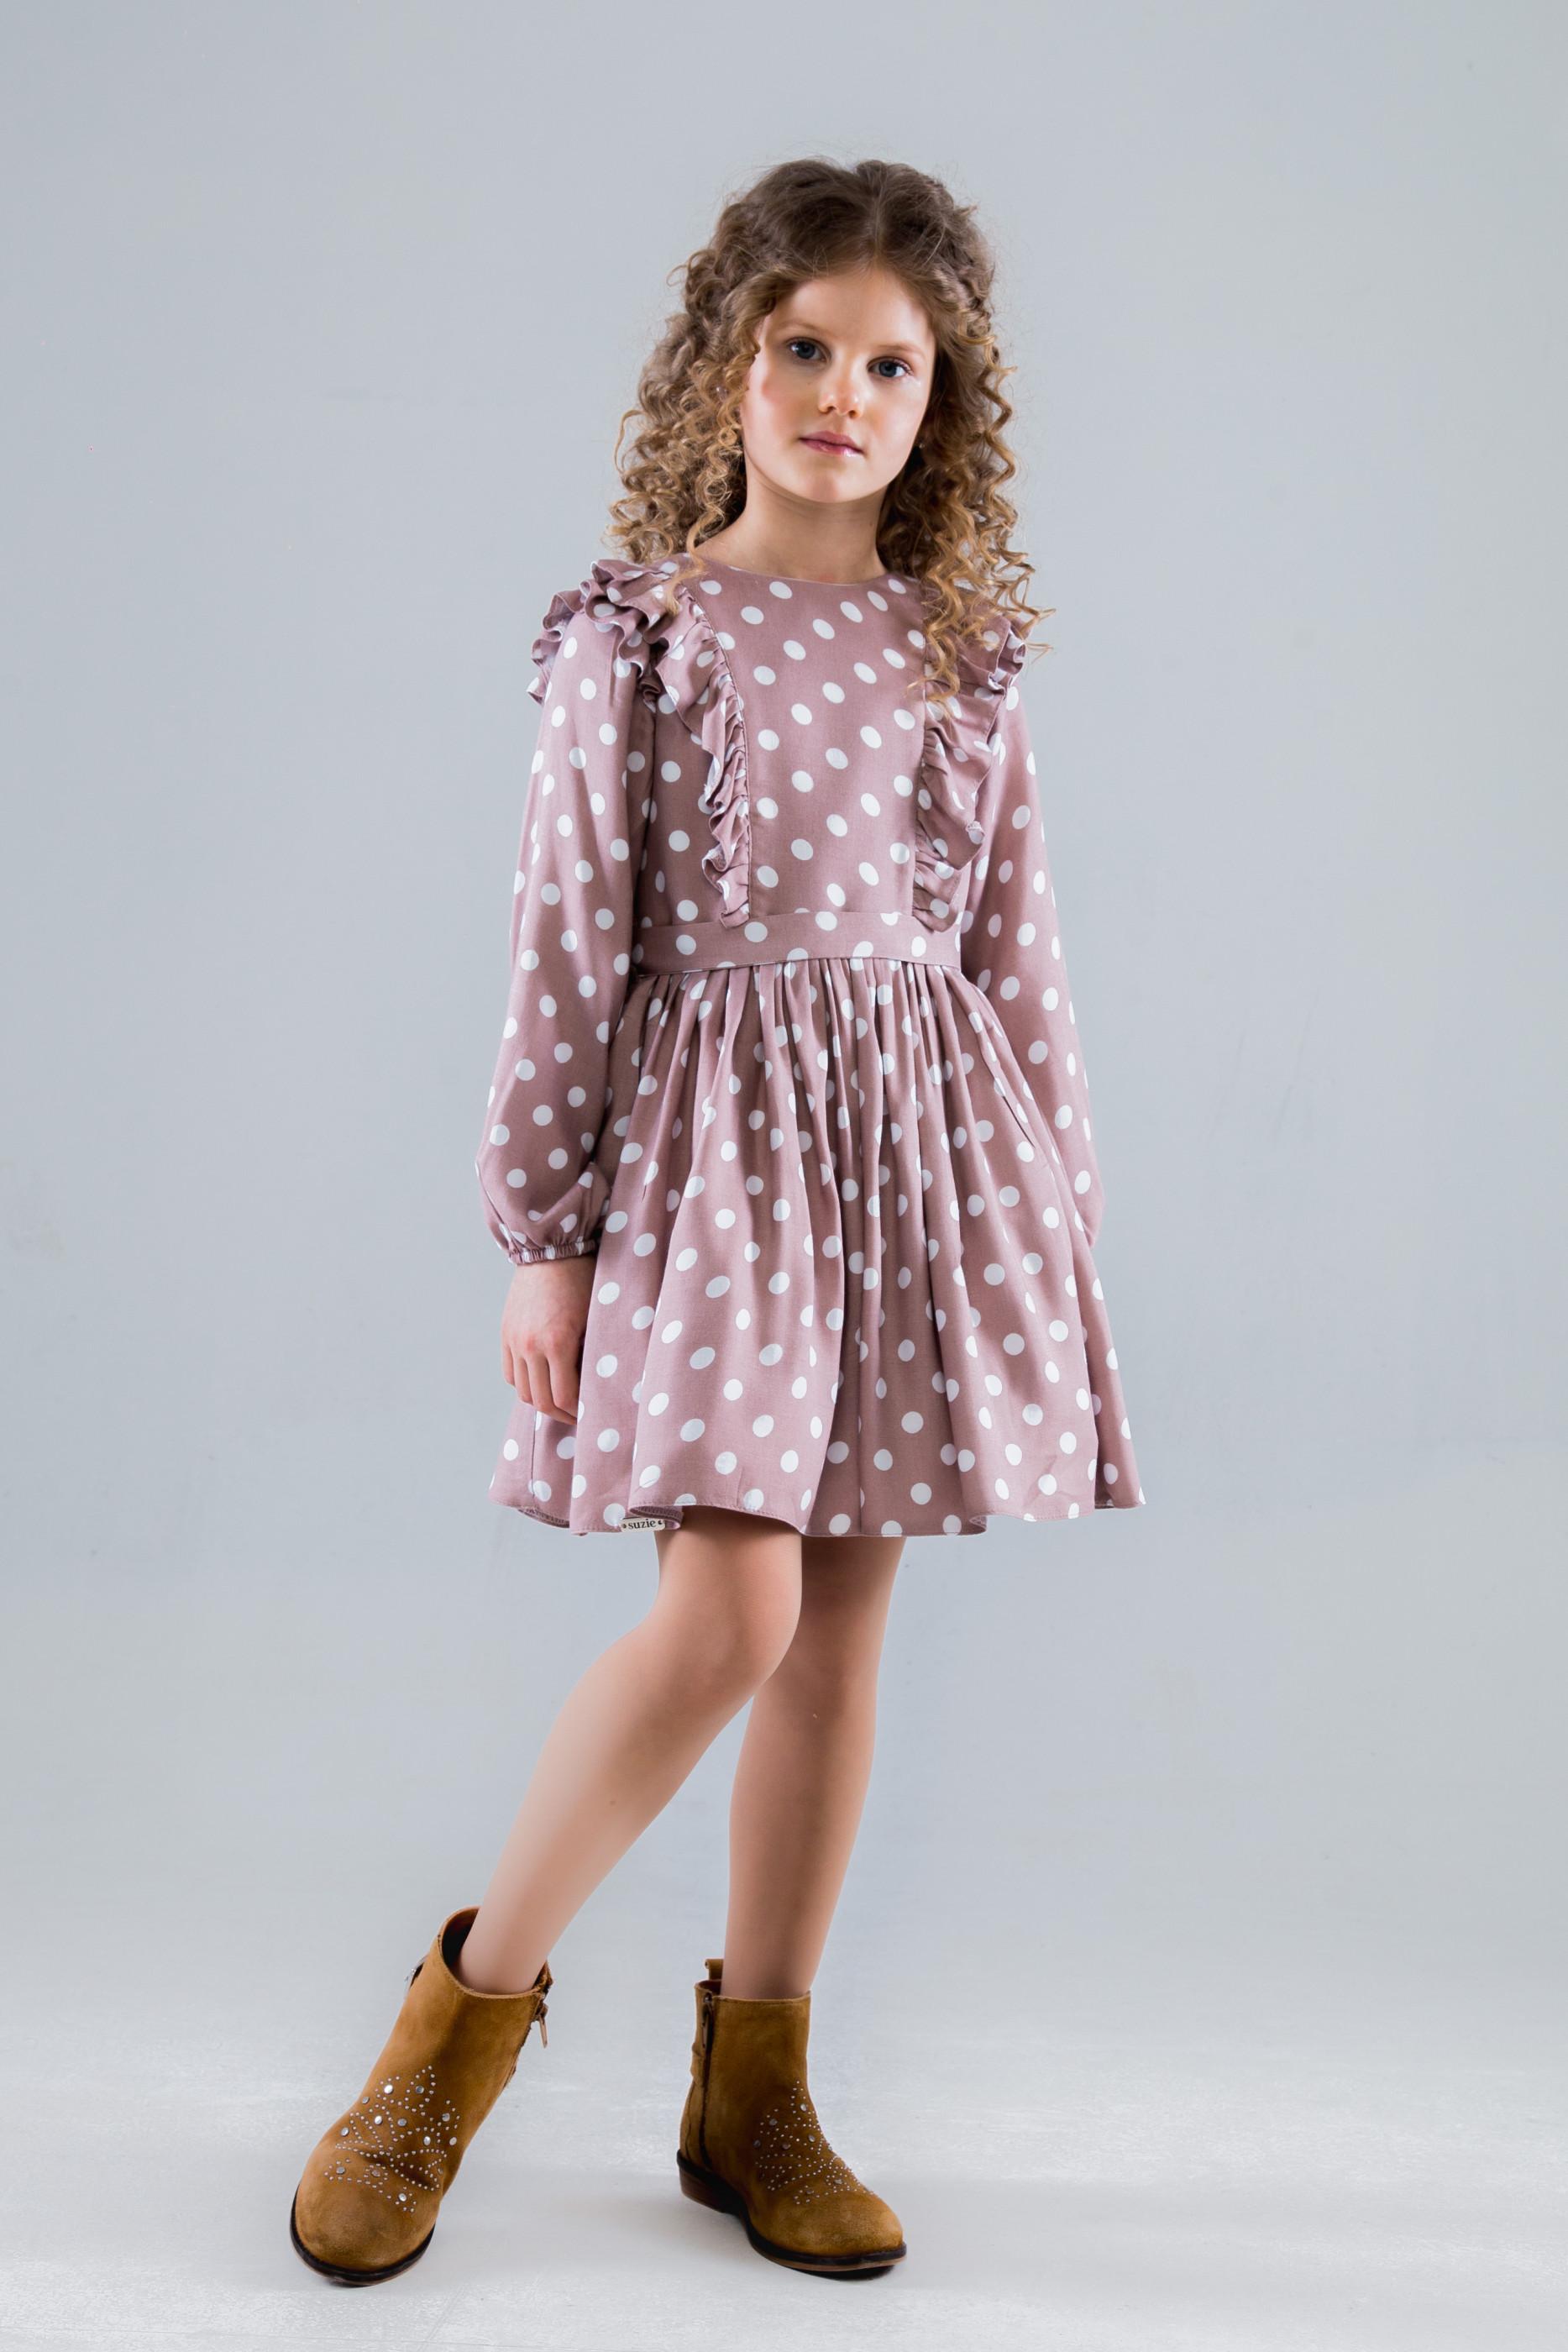 Плаття Віталіна, фото №2